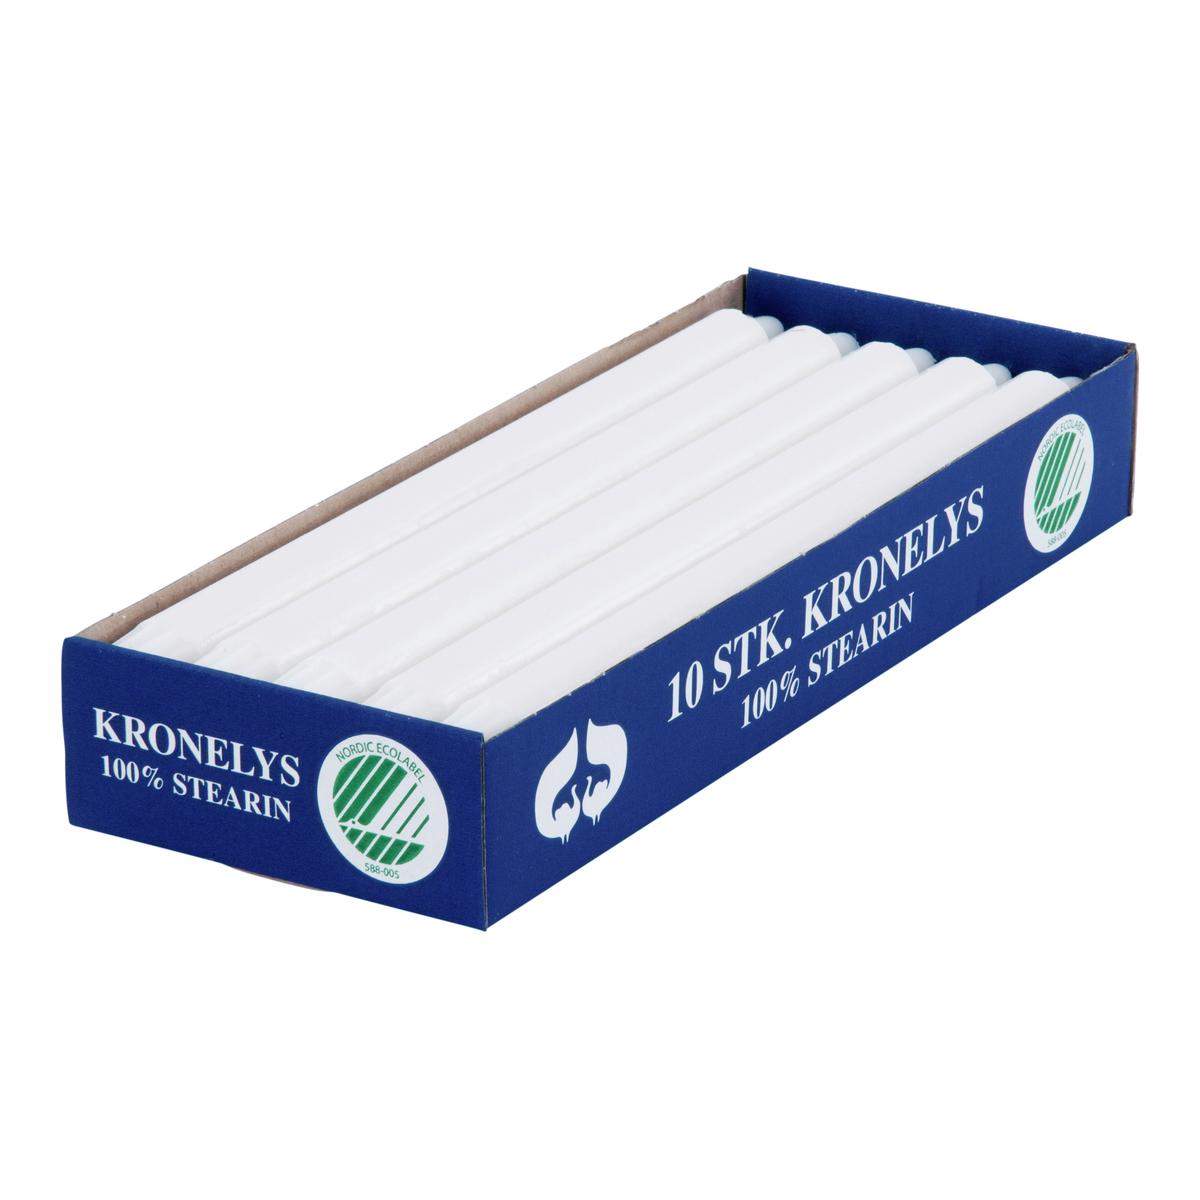 Kronelys 100% stearin 10pk-STE2801